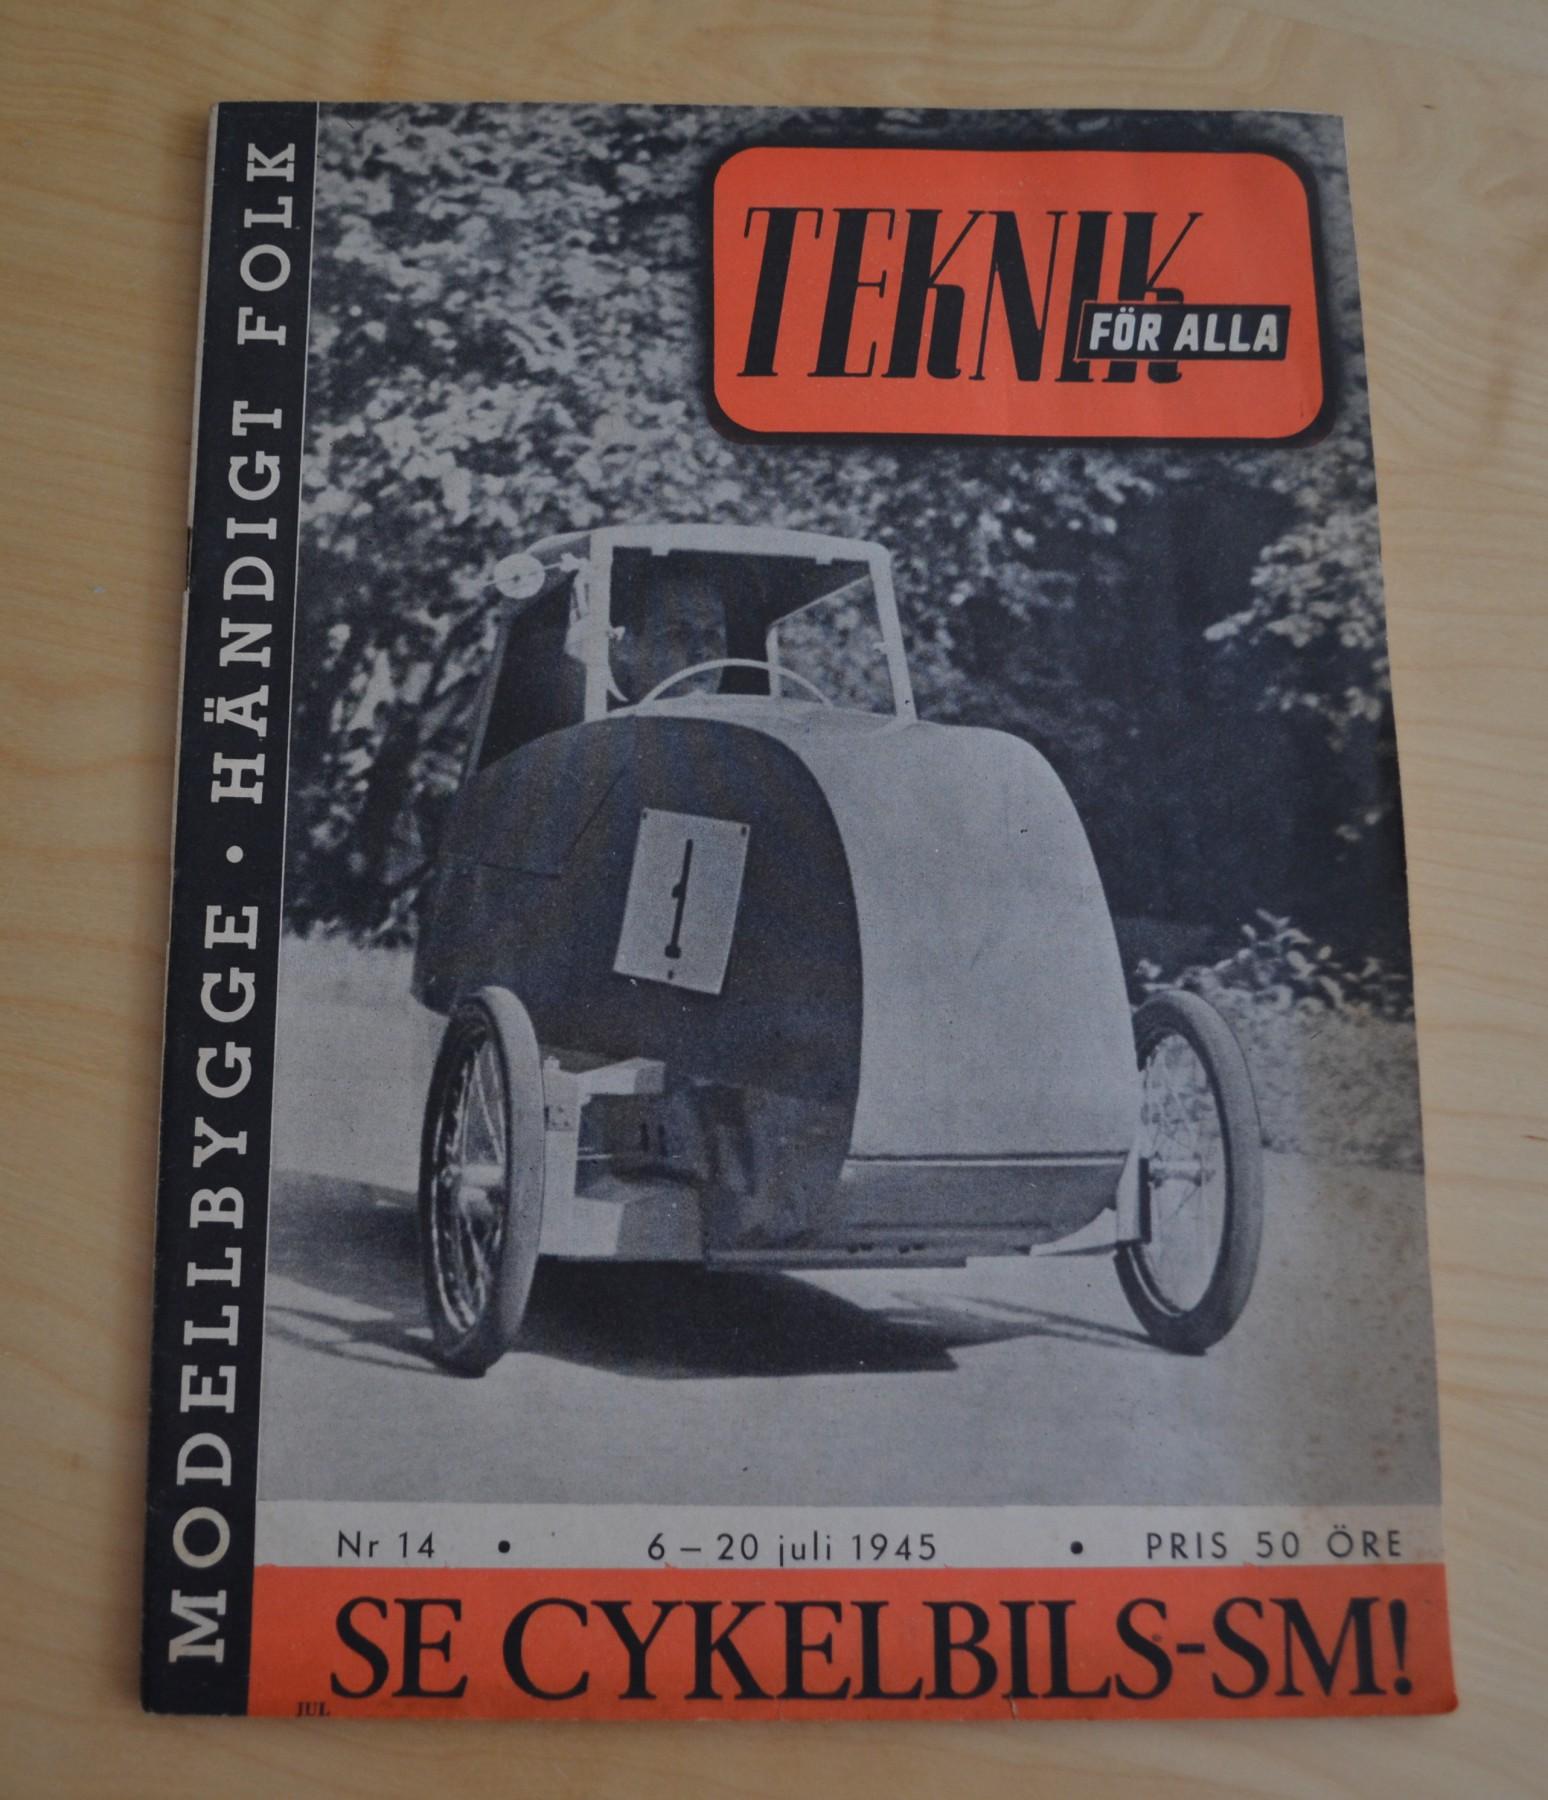 Göran Dahlin, segrare i enmannaklassen i världens första cykelbilsmästerskap.